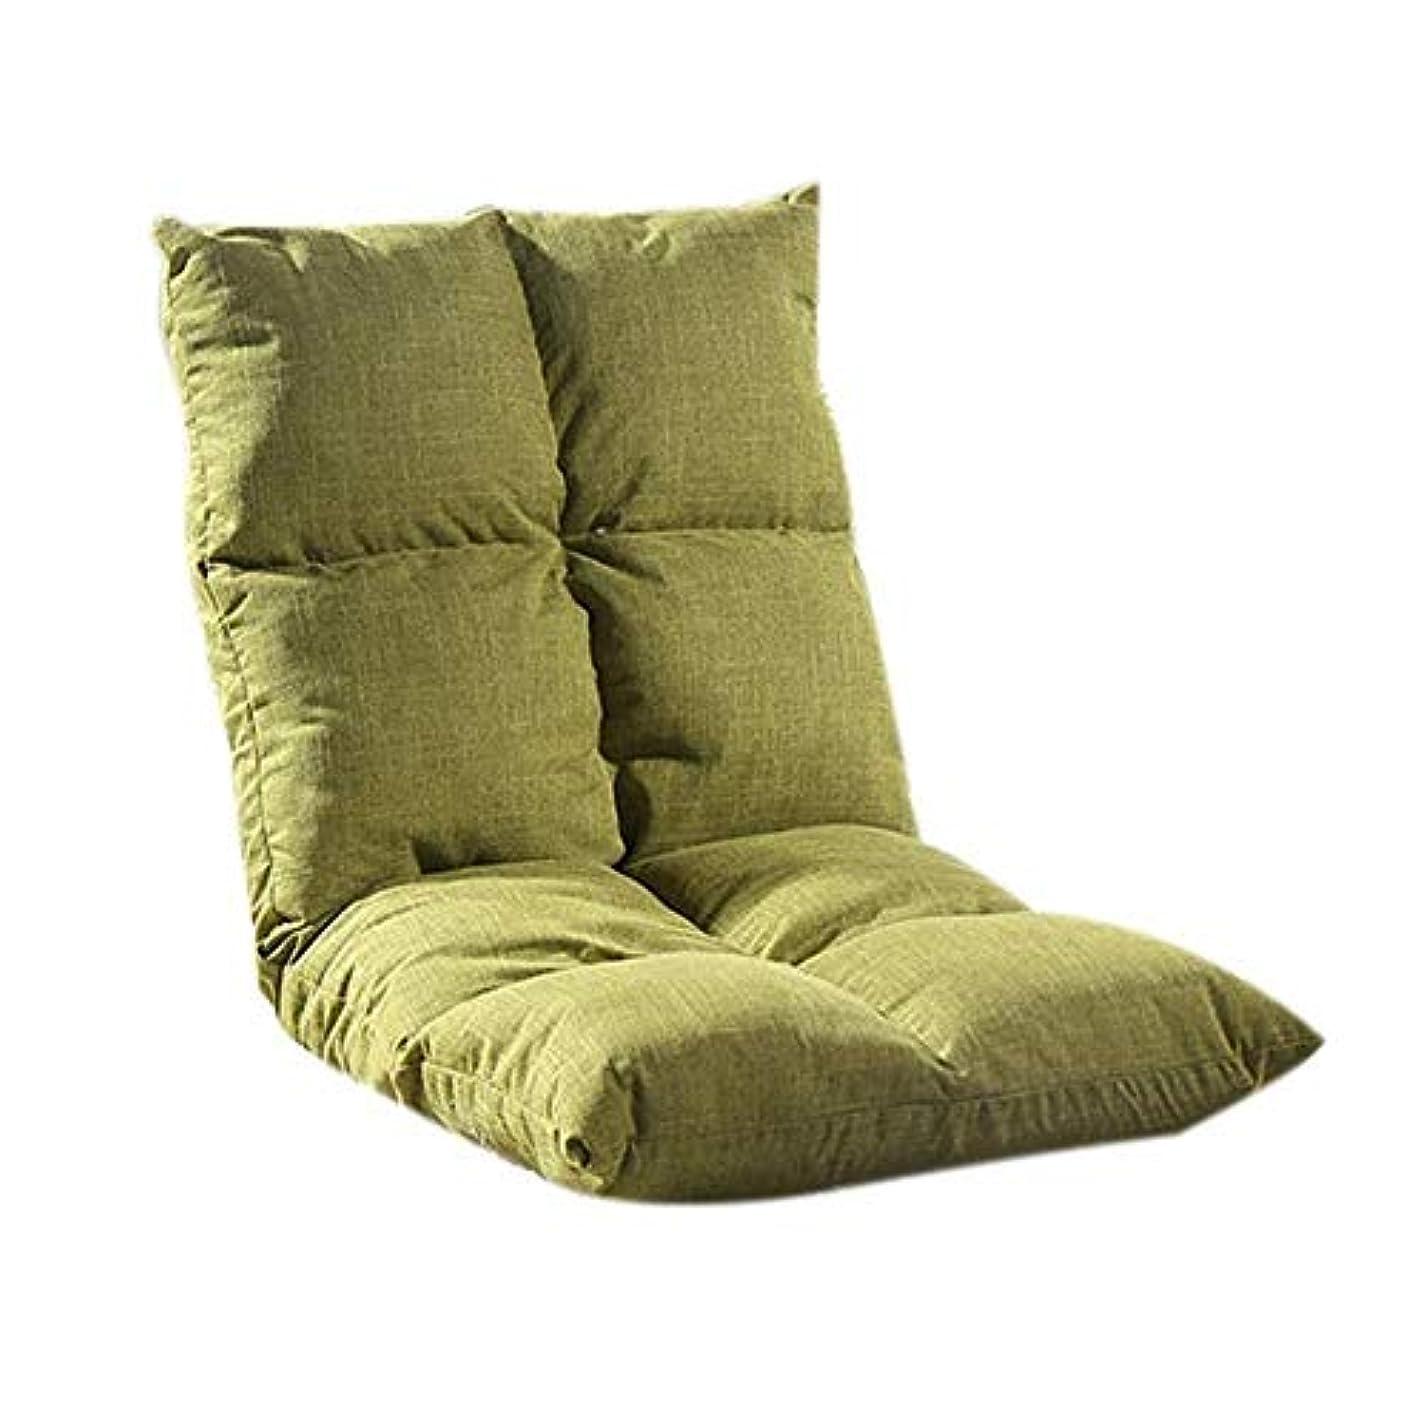 厳密に下向き決定的怠zyなフロアチェア、畳クッション、シングルメディテーションチェア、背もたれ一体型フロアクッション、折りたたみ式厚手バルコニー和風、調節可能な椅子怠Adjustなソファゲームチェア (Color : 緑)